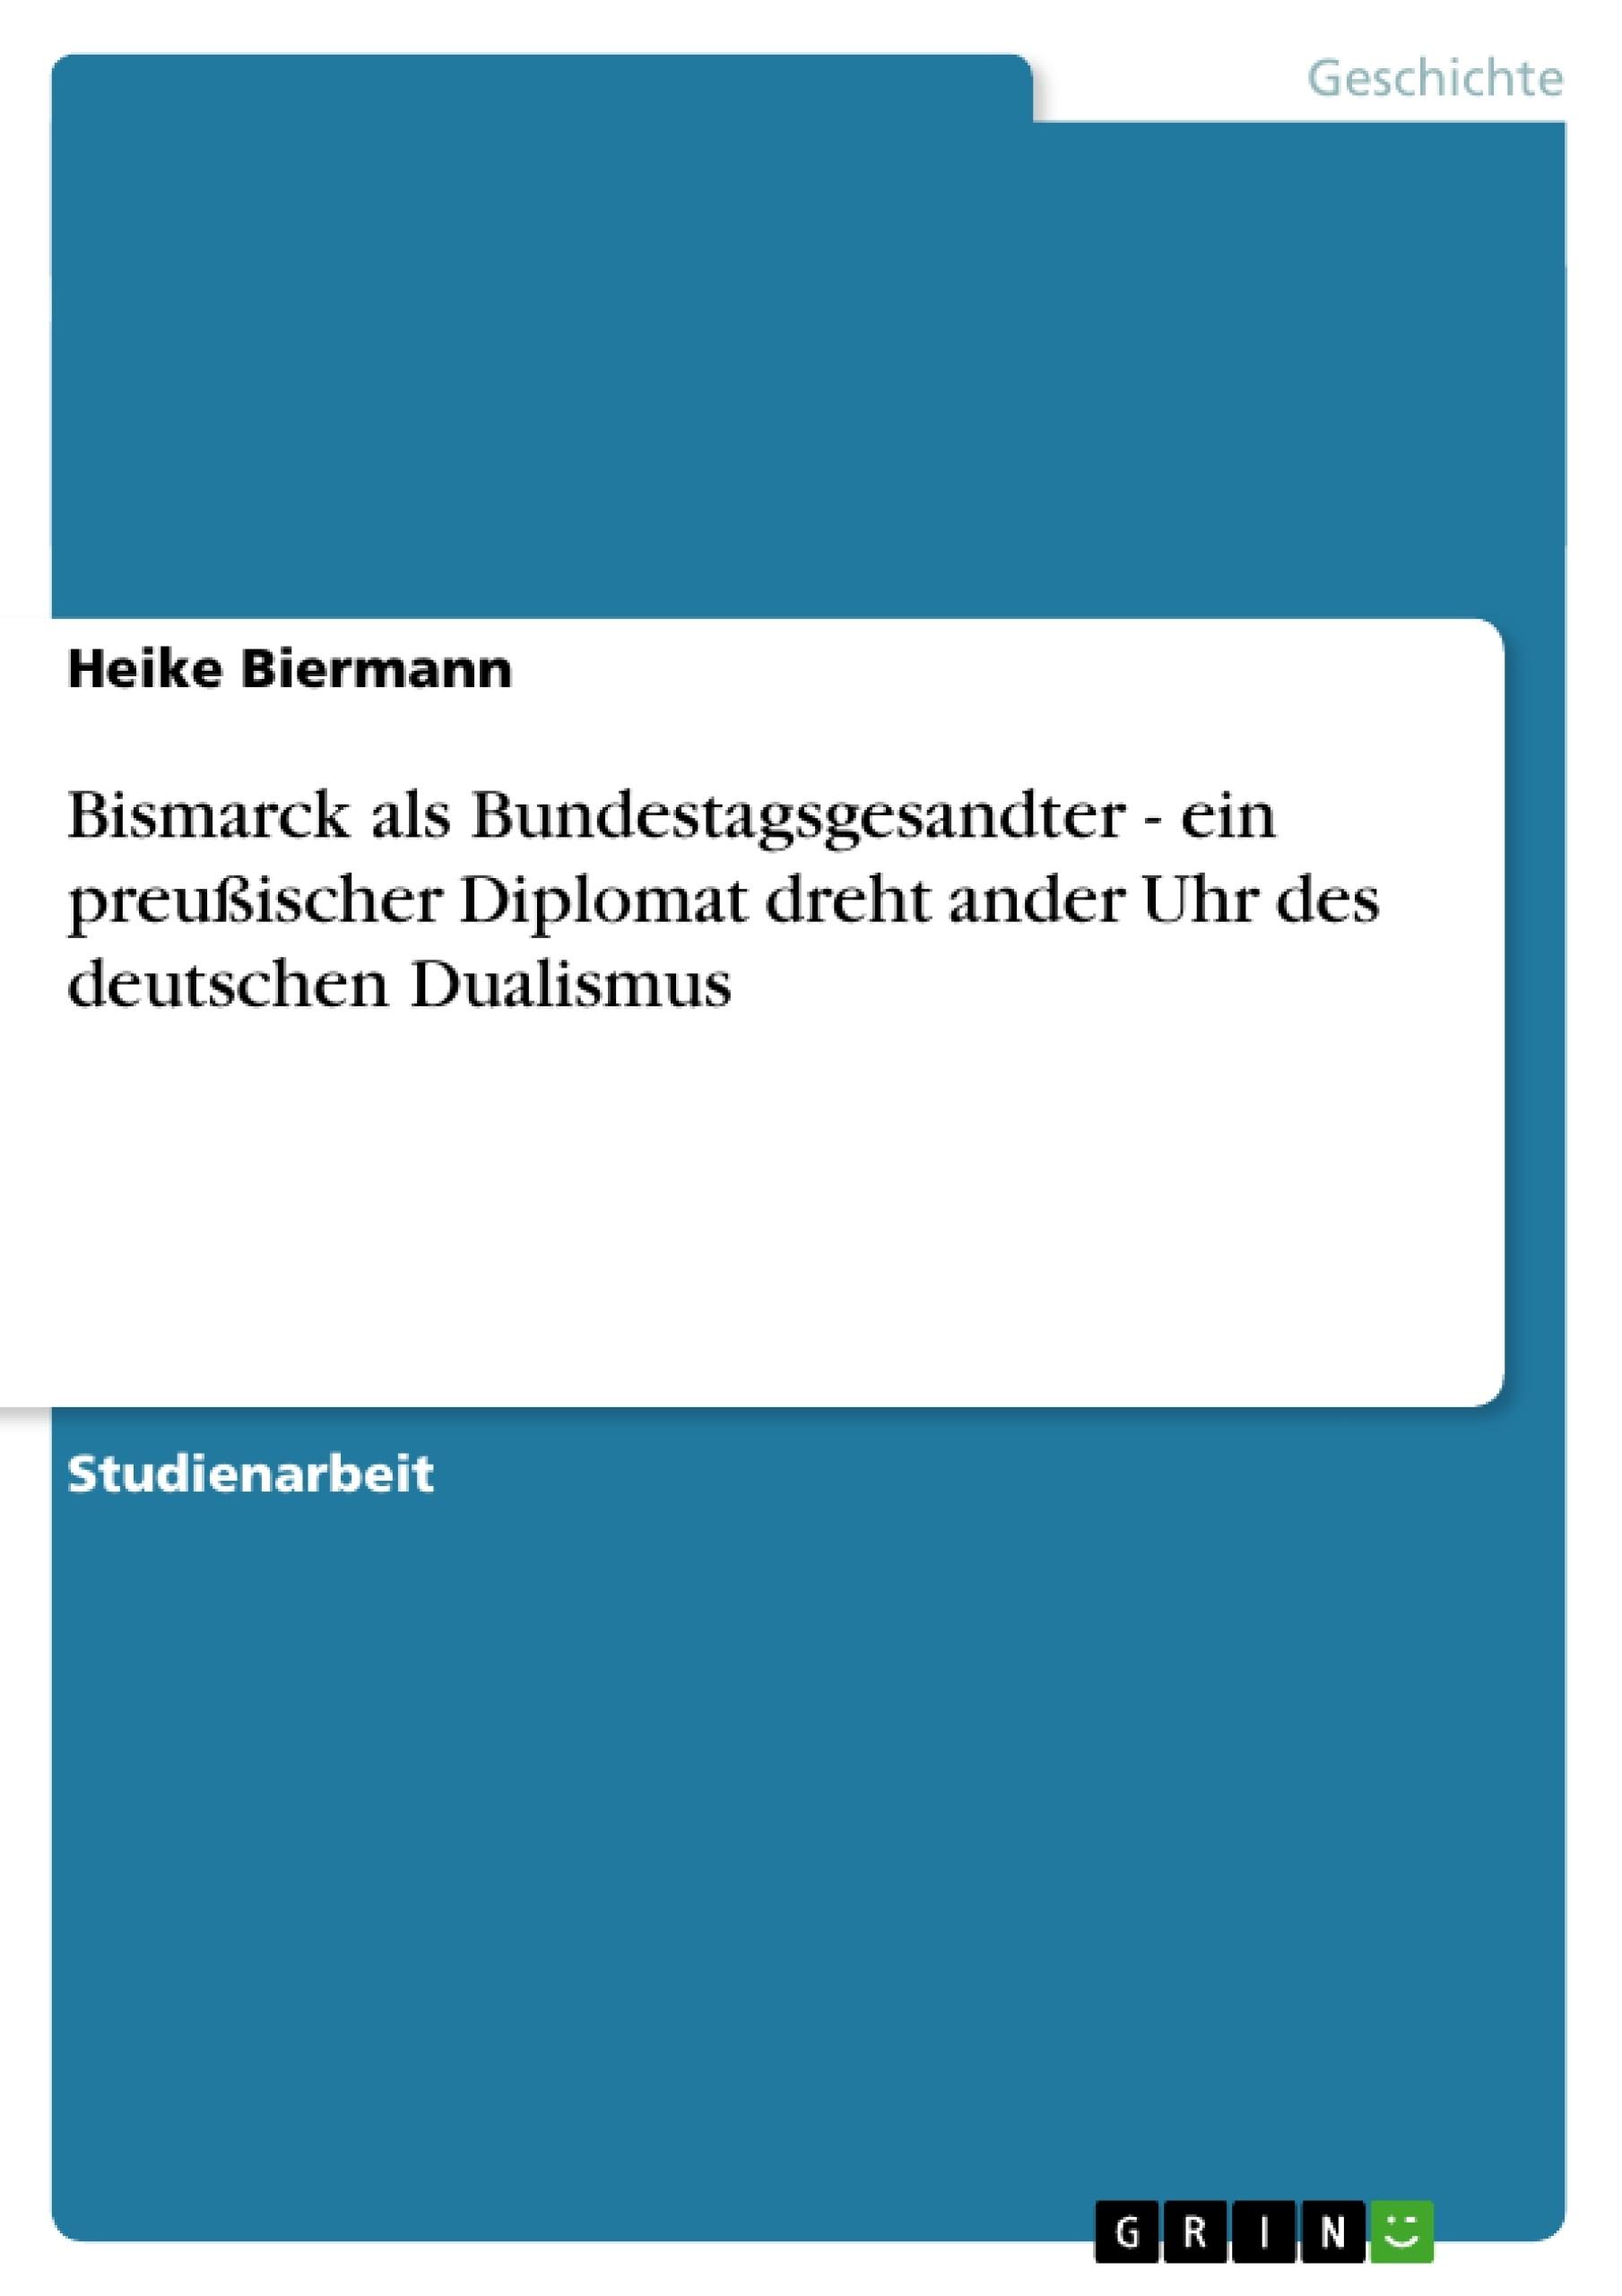 Titel: Bismarck als Bundestagsgesandter - ein preußischer Diplomat dreht ander Uhr des deutschen Dualismus